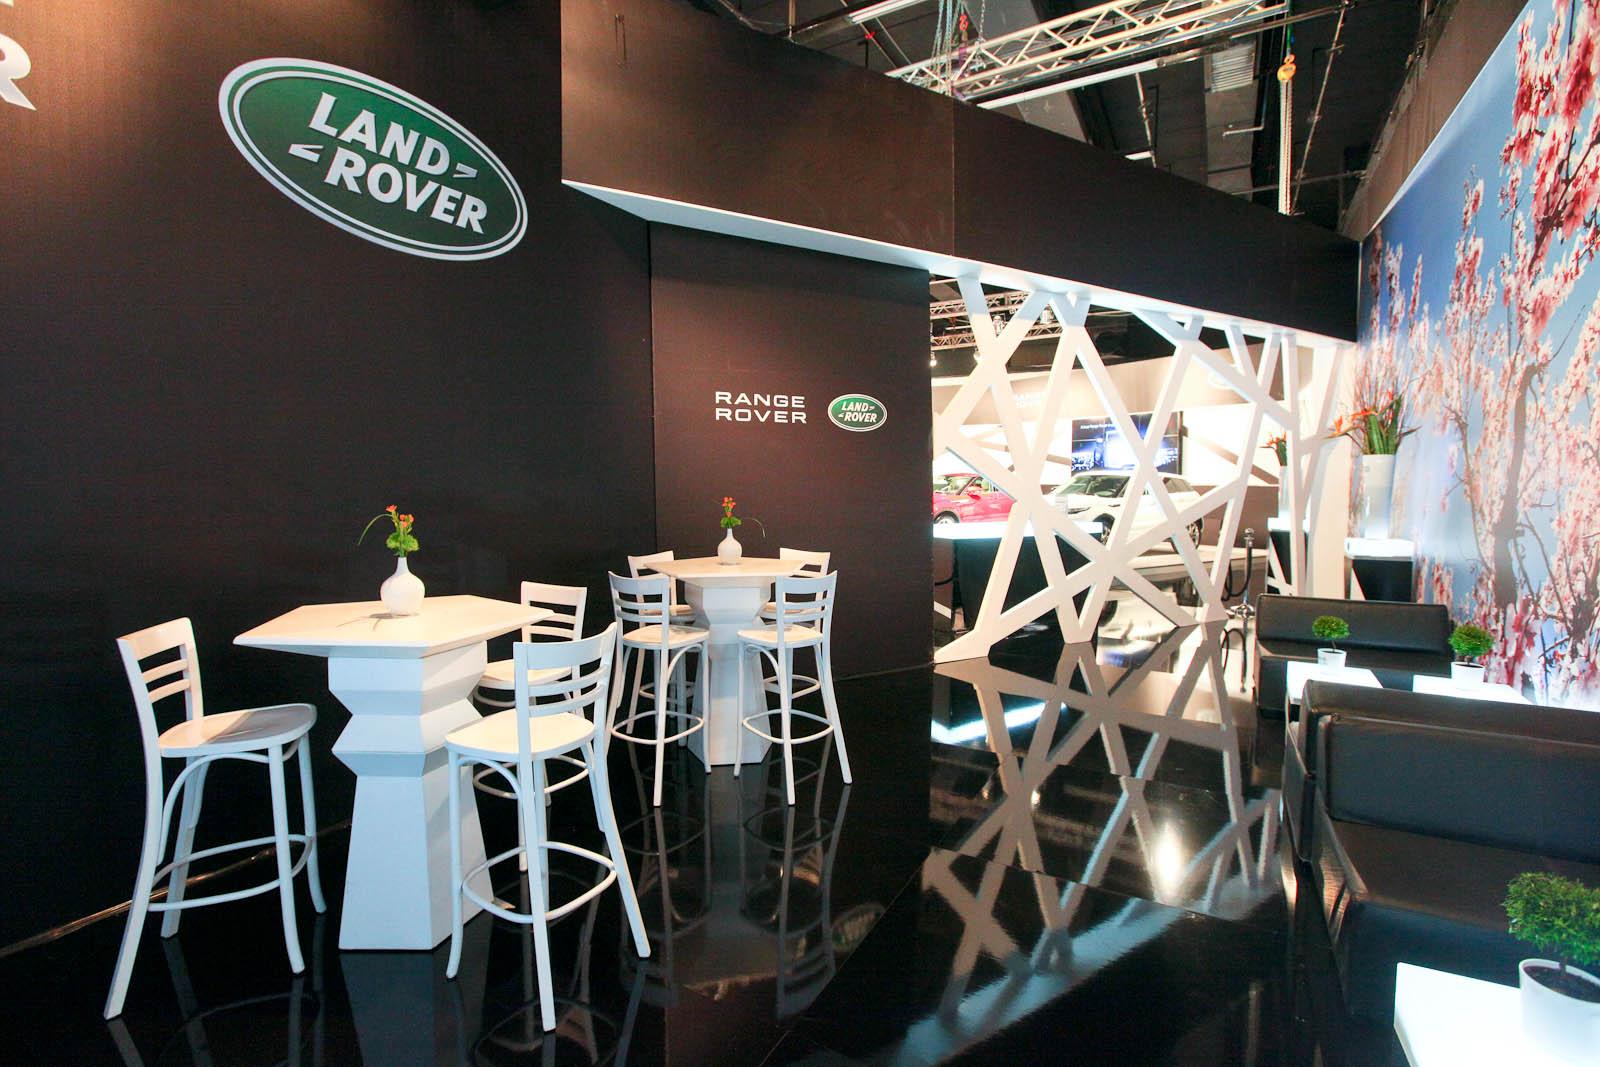 landrover-015.jpg